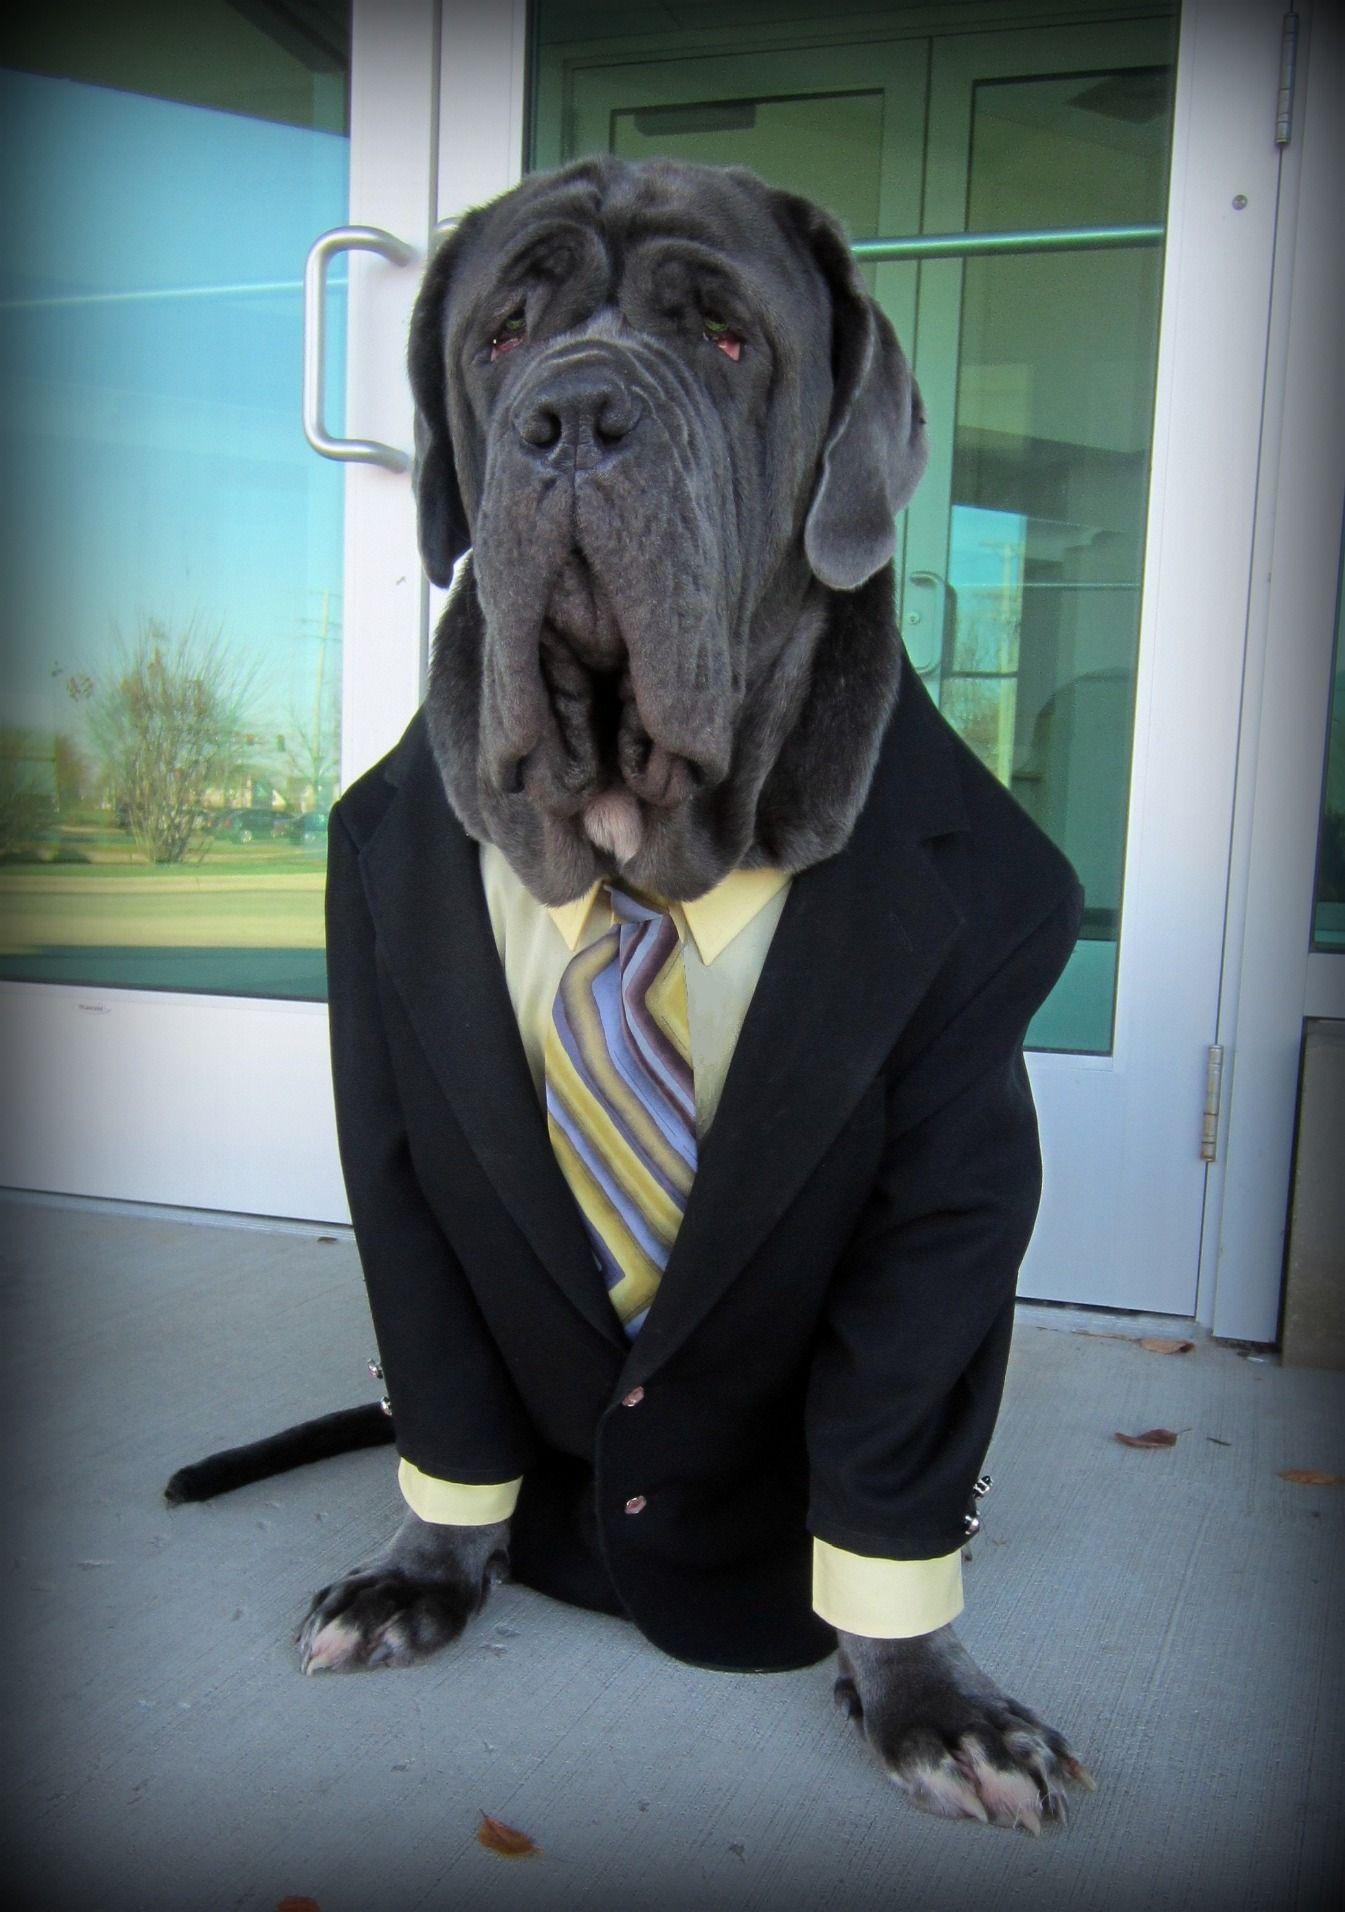 Sharp dressed dog!